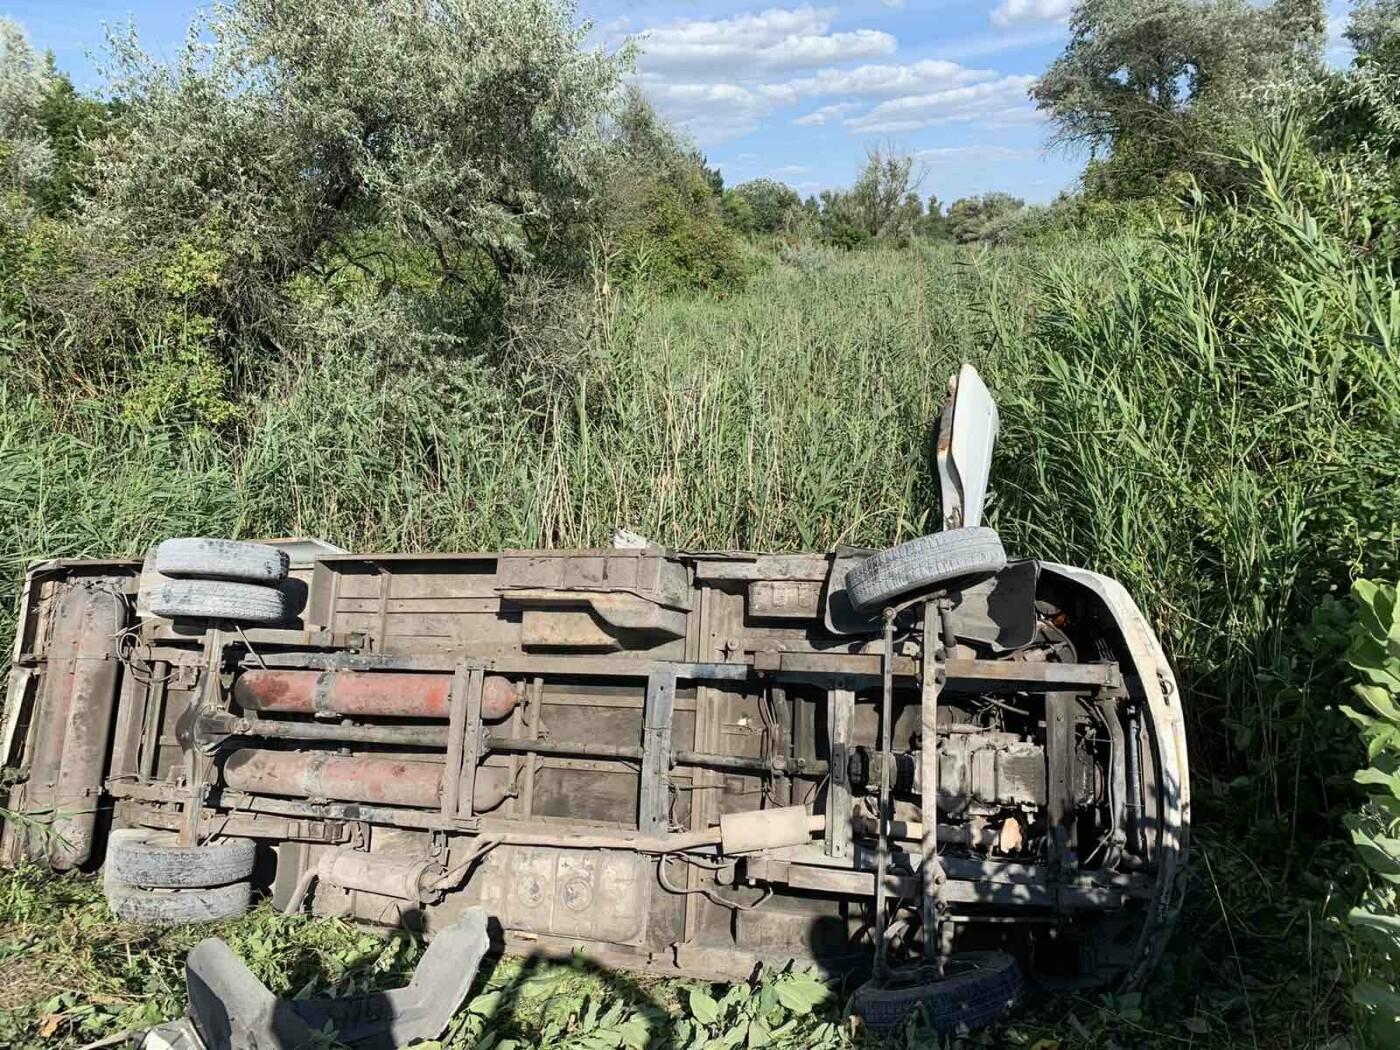 Под Днепром автобус слетел в кювет: 12 пассажиров госпитализировали, - ФОТО, фото-1